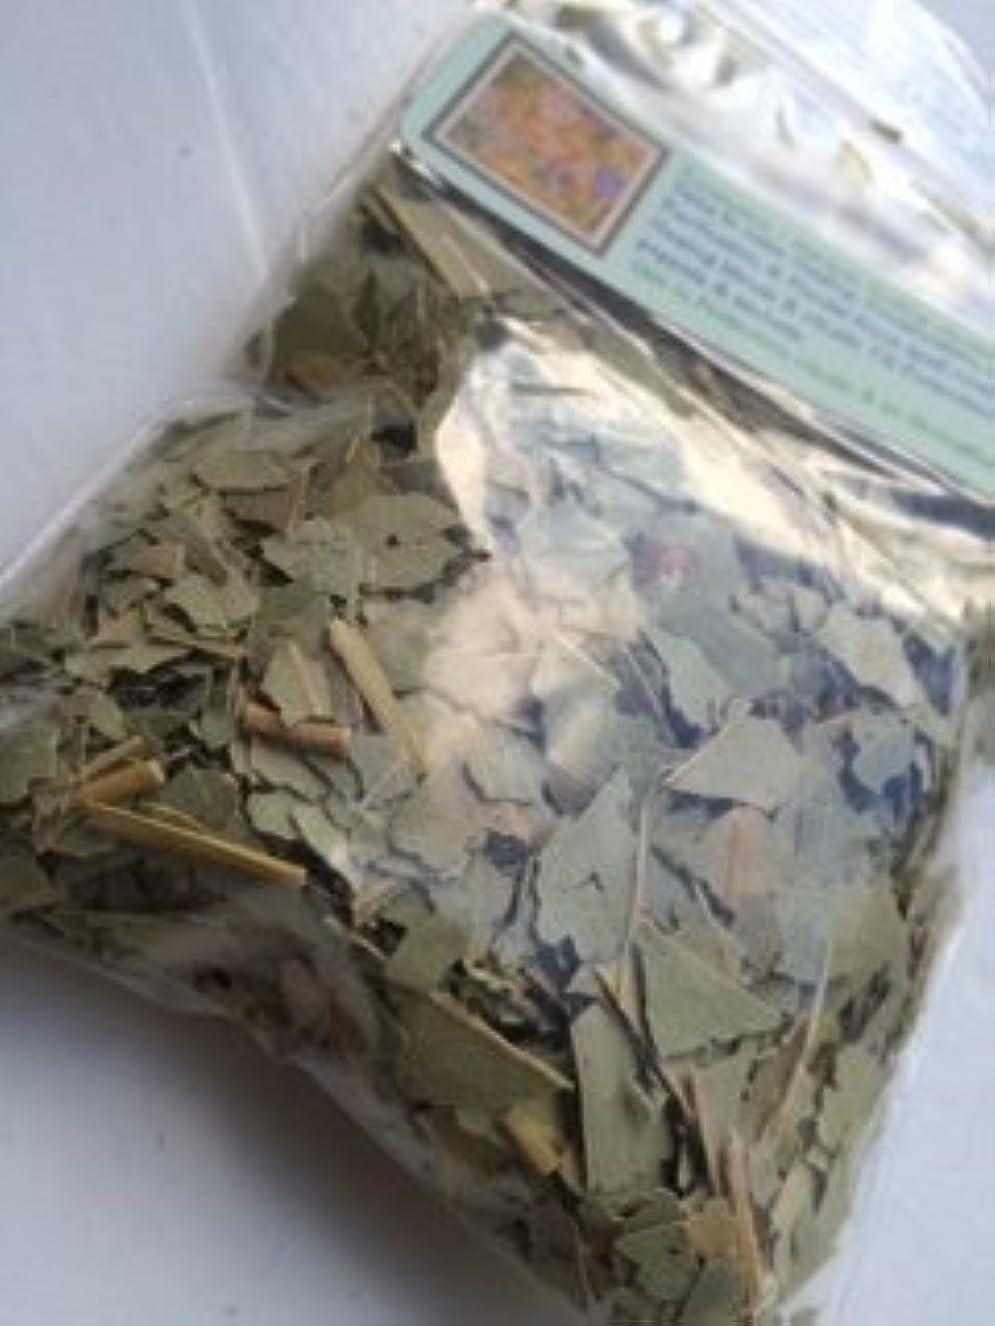 疲労フィードバッククルーズDried Herb ~ 1 oz ~ユーカリカットリーフ~ Ravenz Roost Dried Herbs with special Info Onラベル